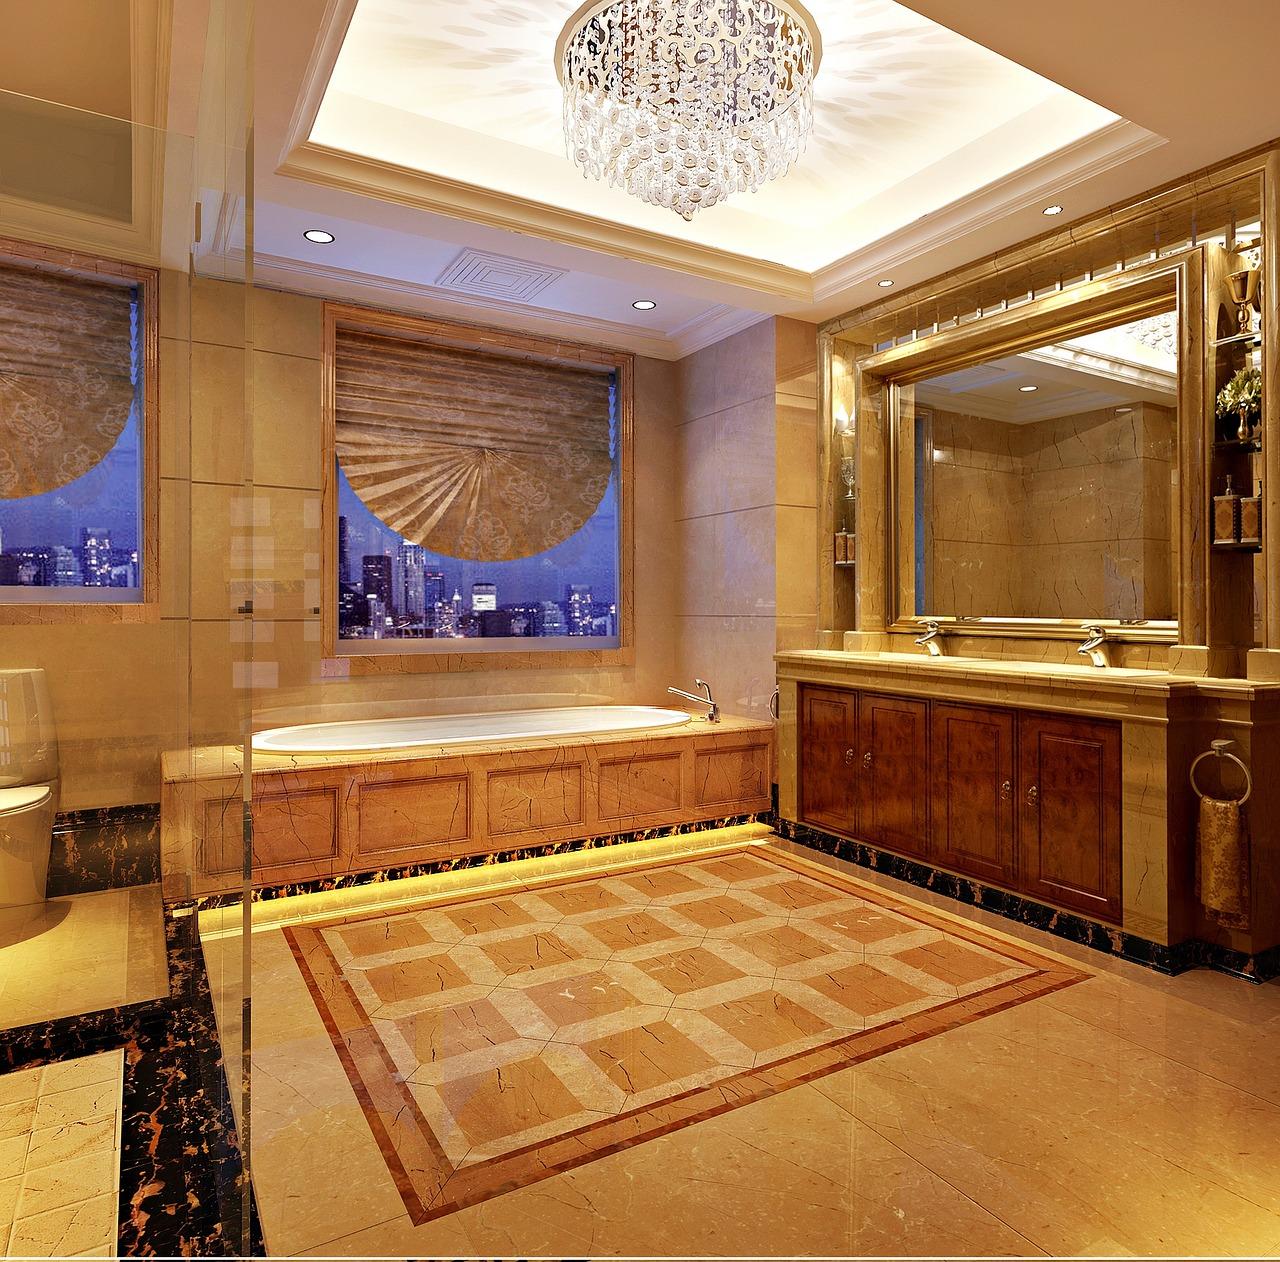 Beleuchtung im Badezimmer - Wenig Aufmerksamkeit trotz hoher Wichtigkeit